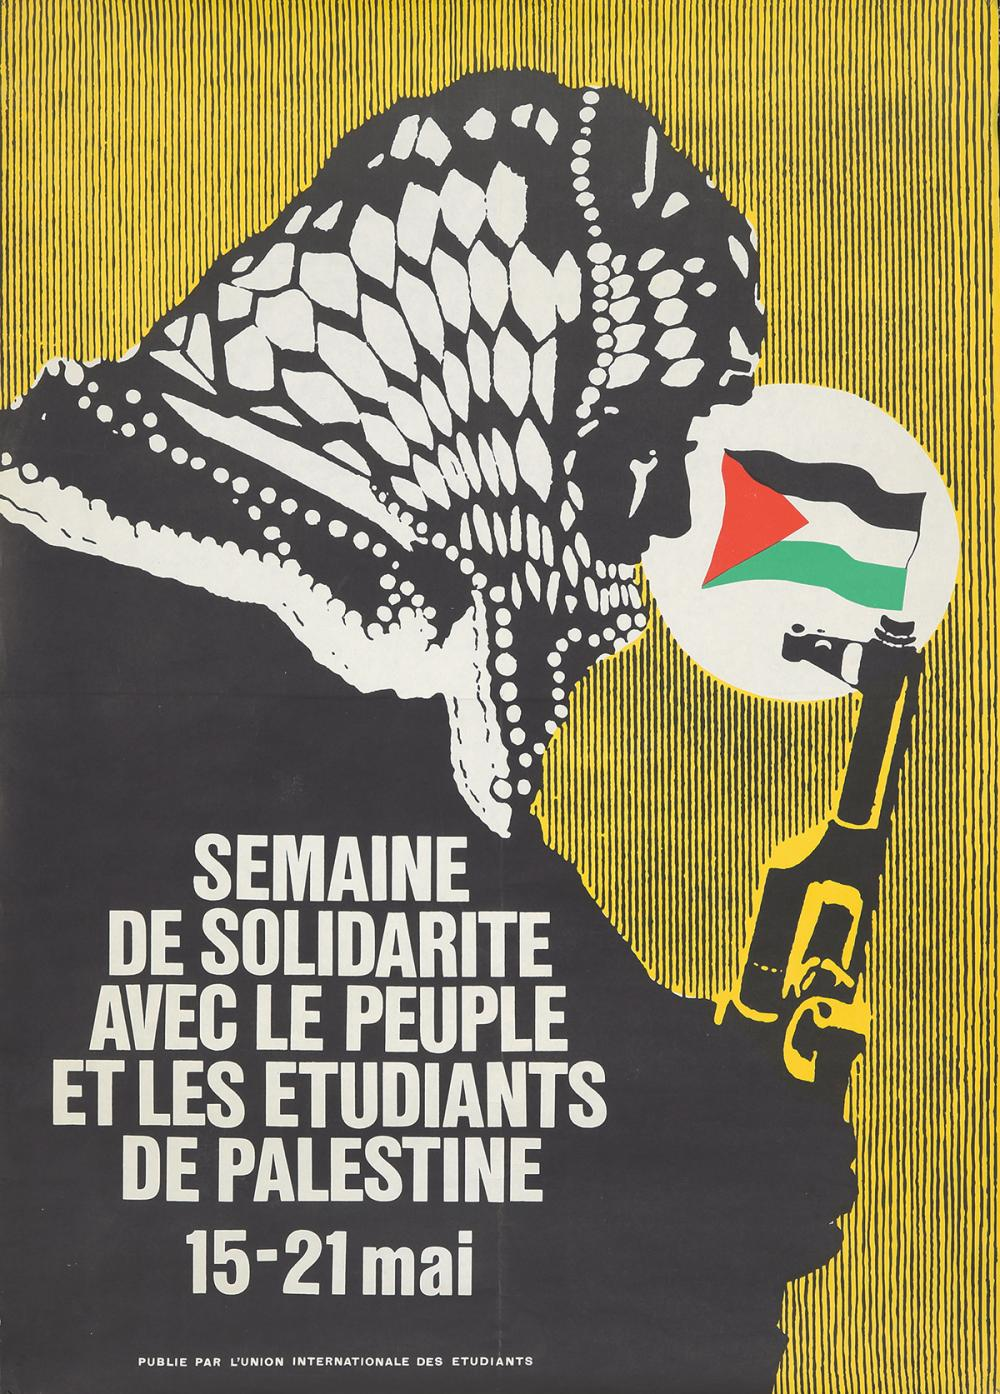 Semaine de Solidarité. ca. 1965.